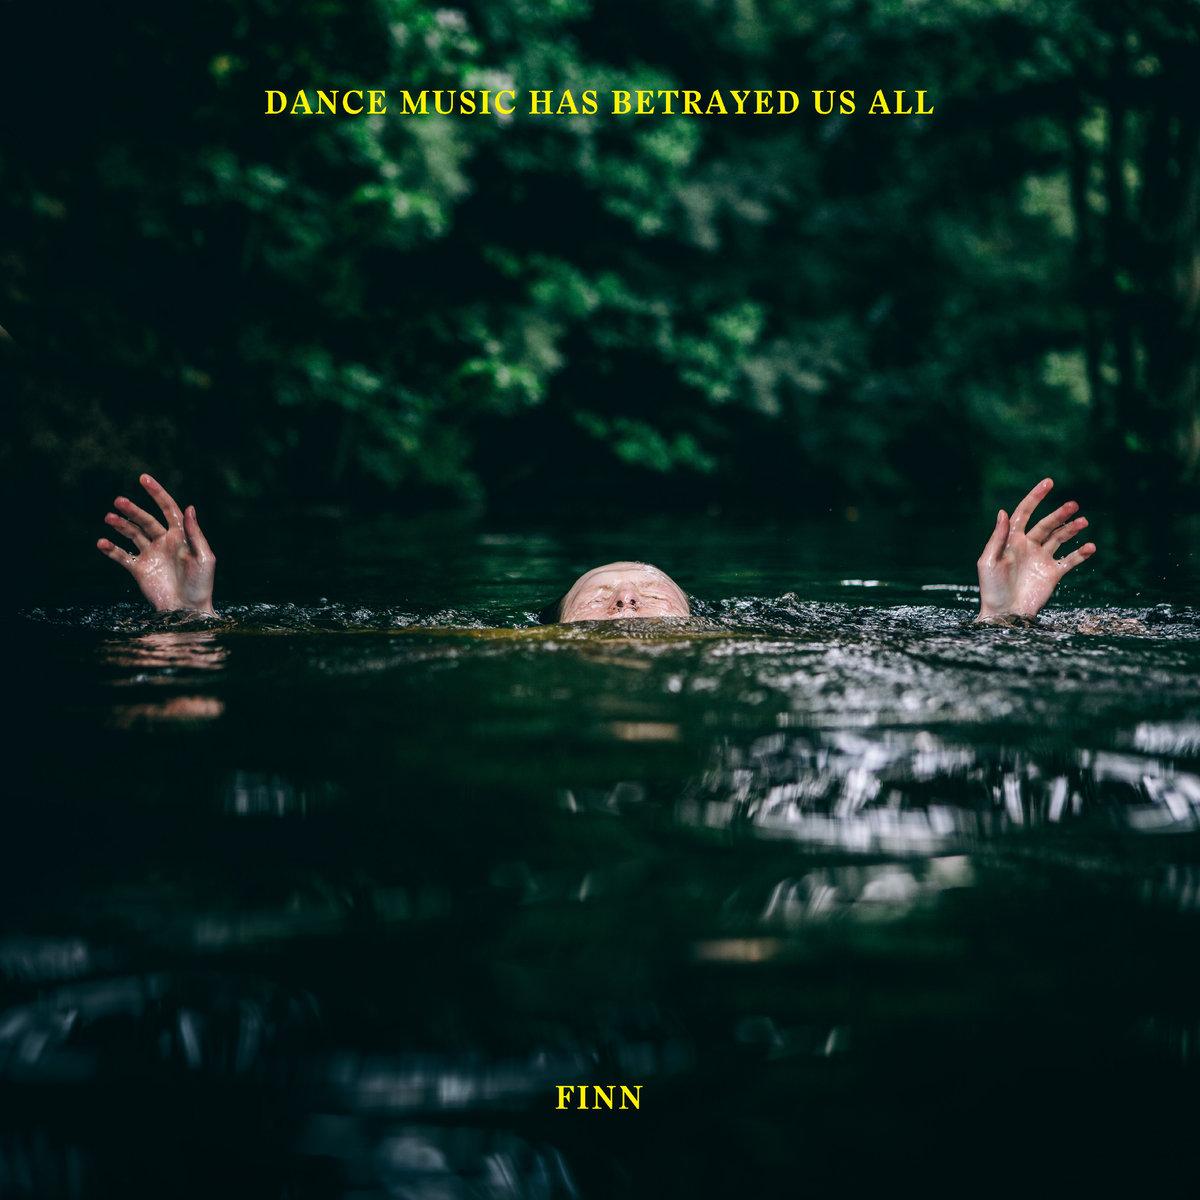 Dance Music Has Betrayed Us All - Finn